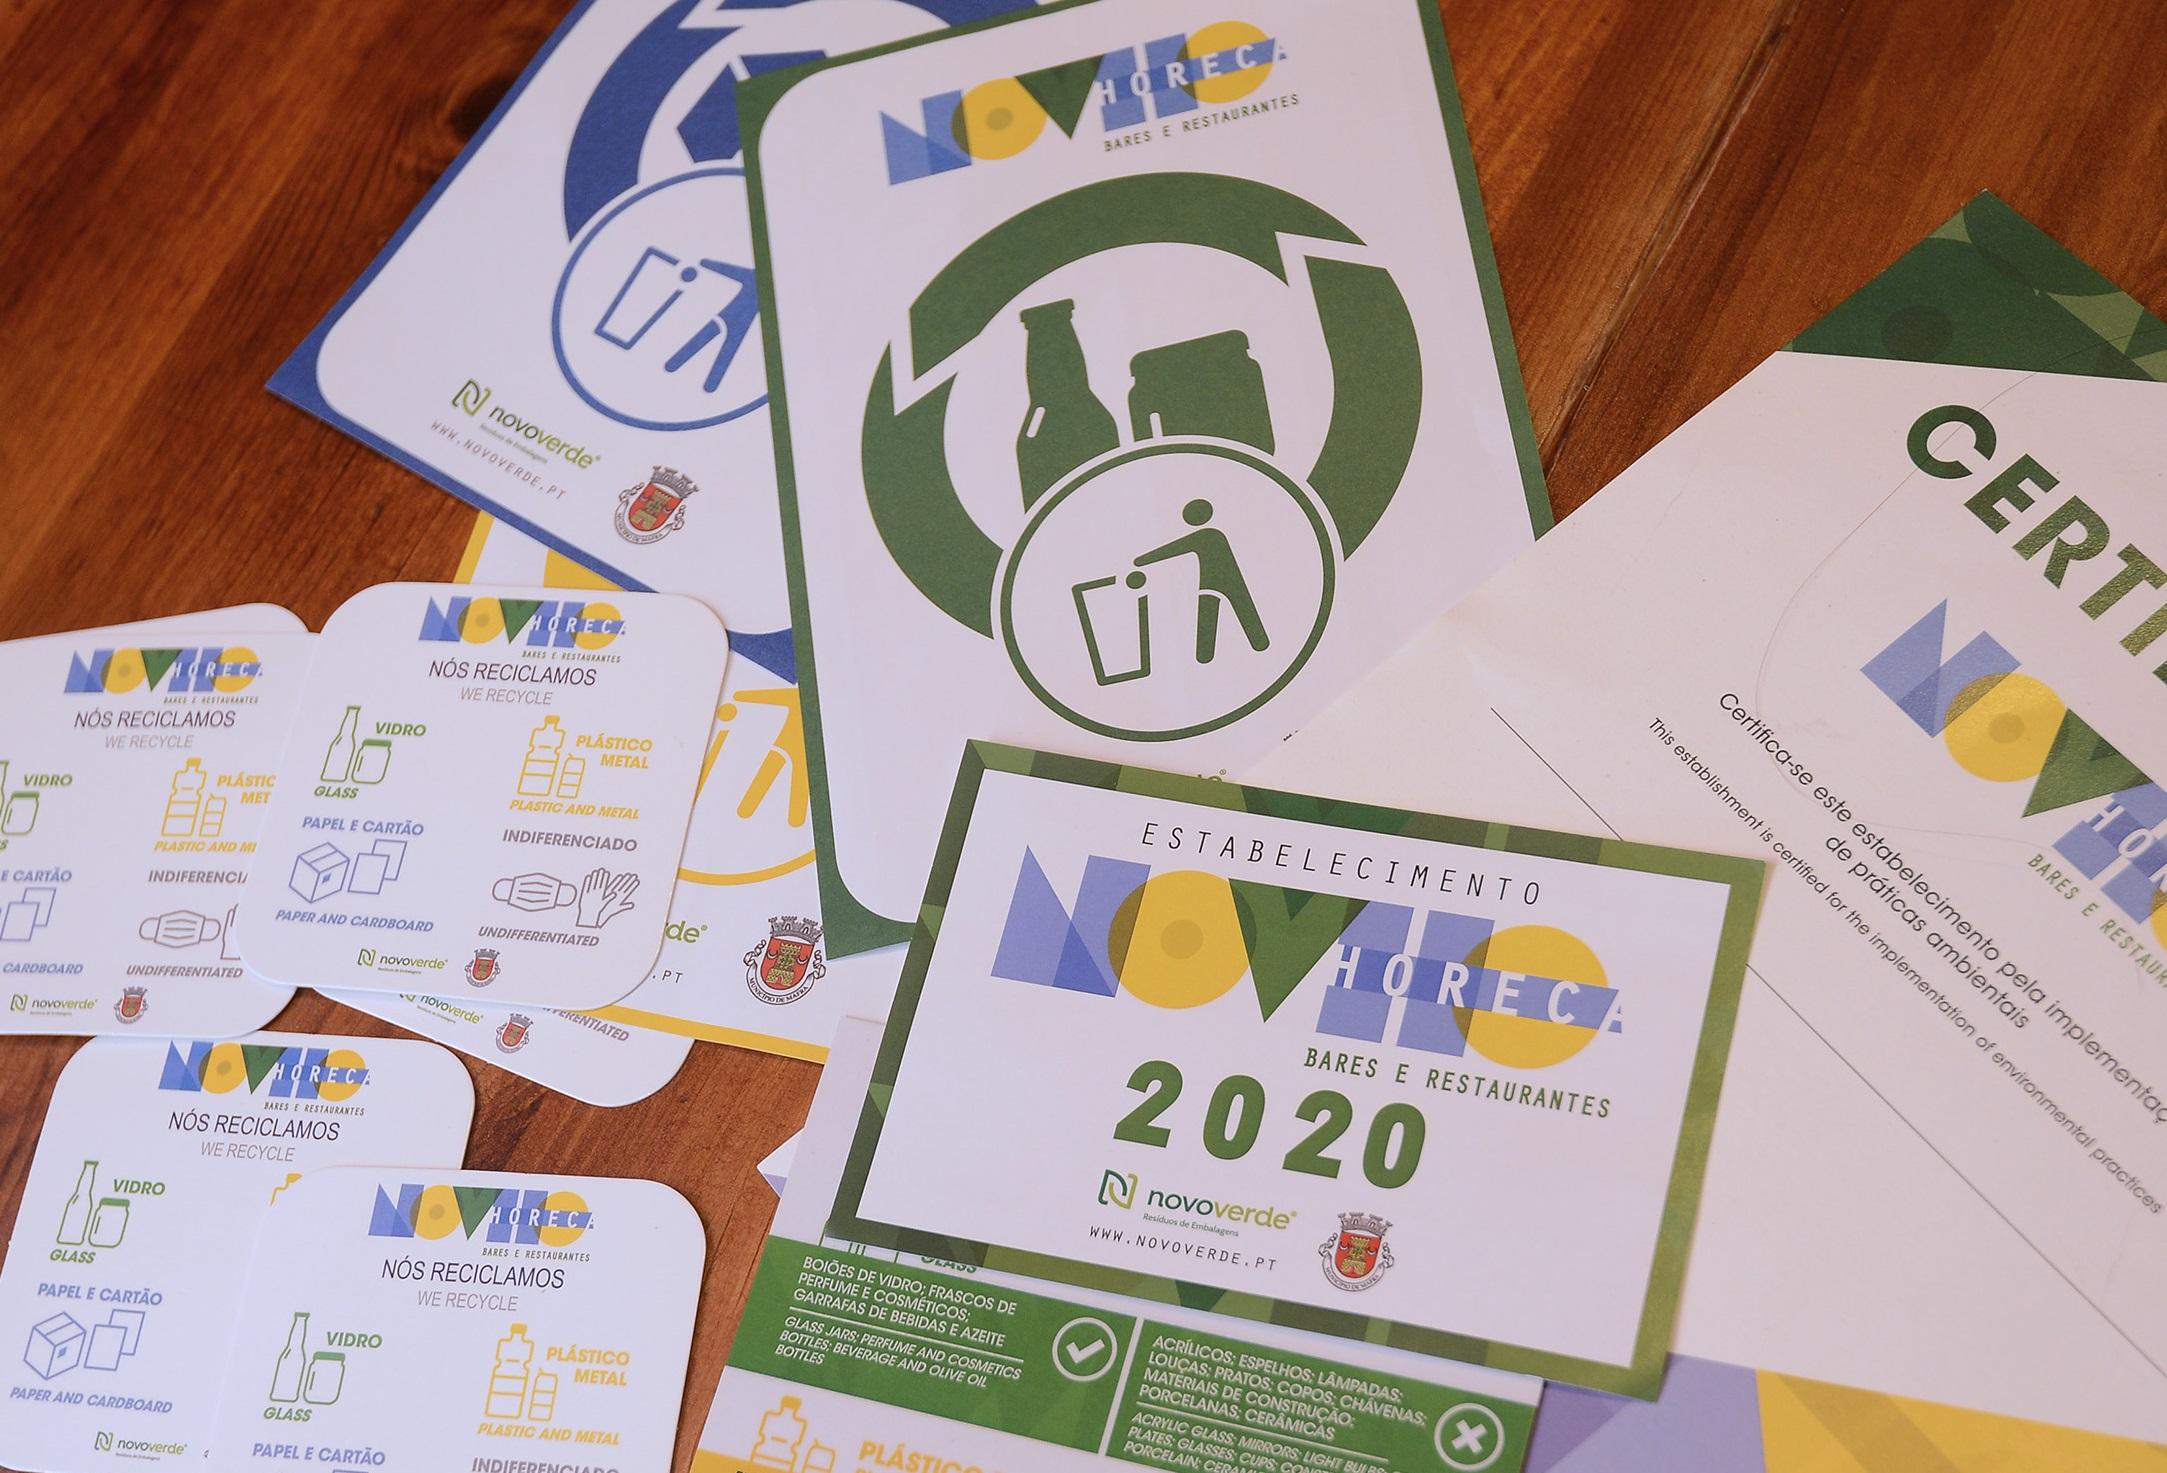 Novo Verde lança nova iniciativa para canal HORECA